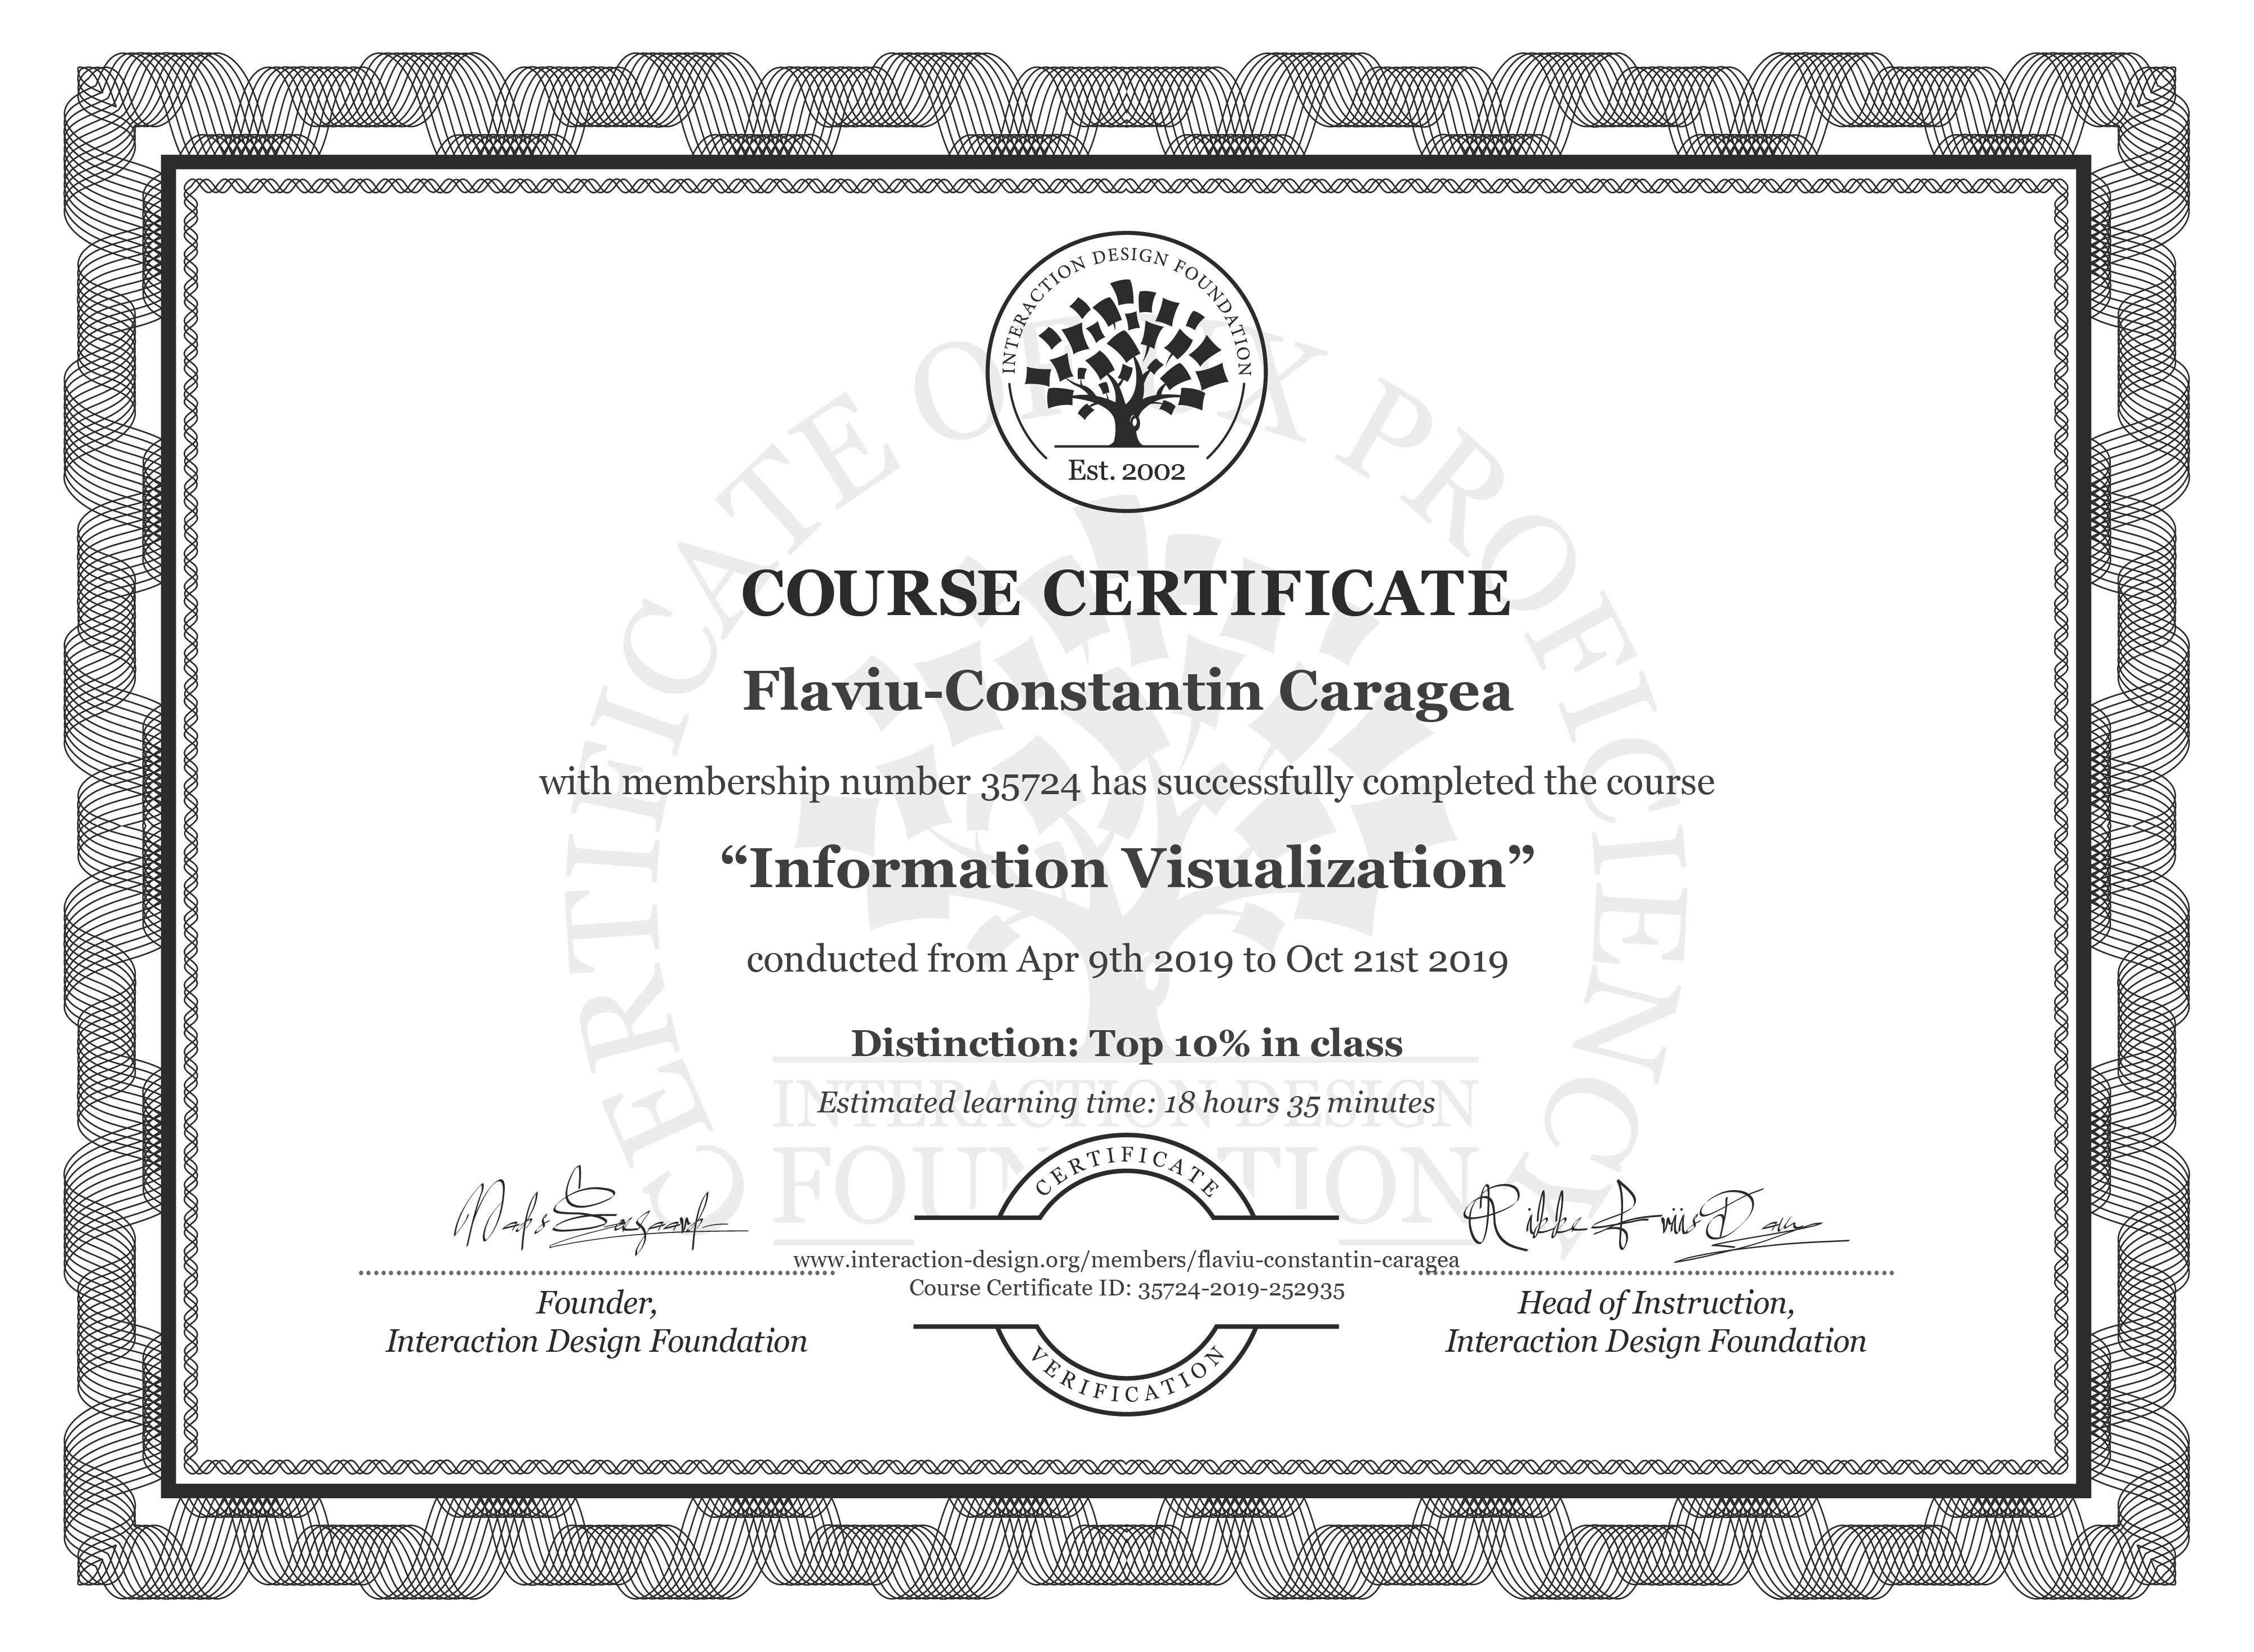 Flaviu-Constantin Caragea's Course Certificate: Information Visualization